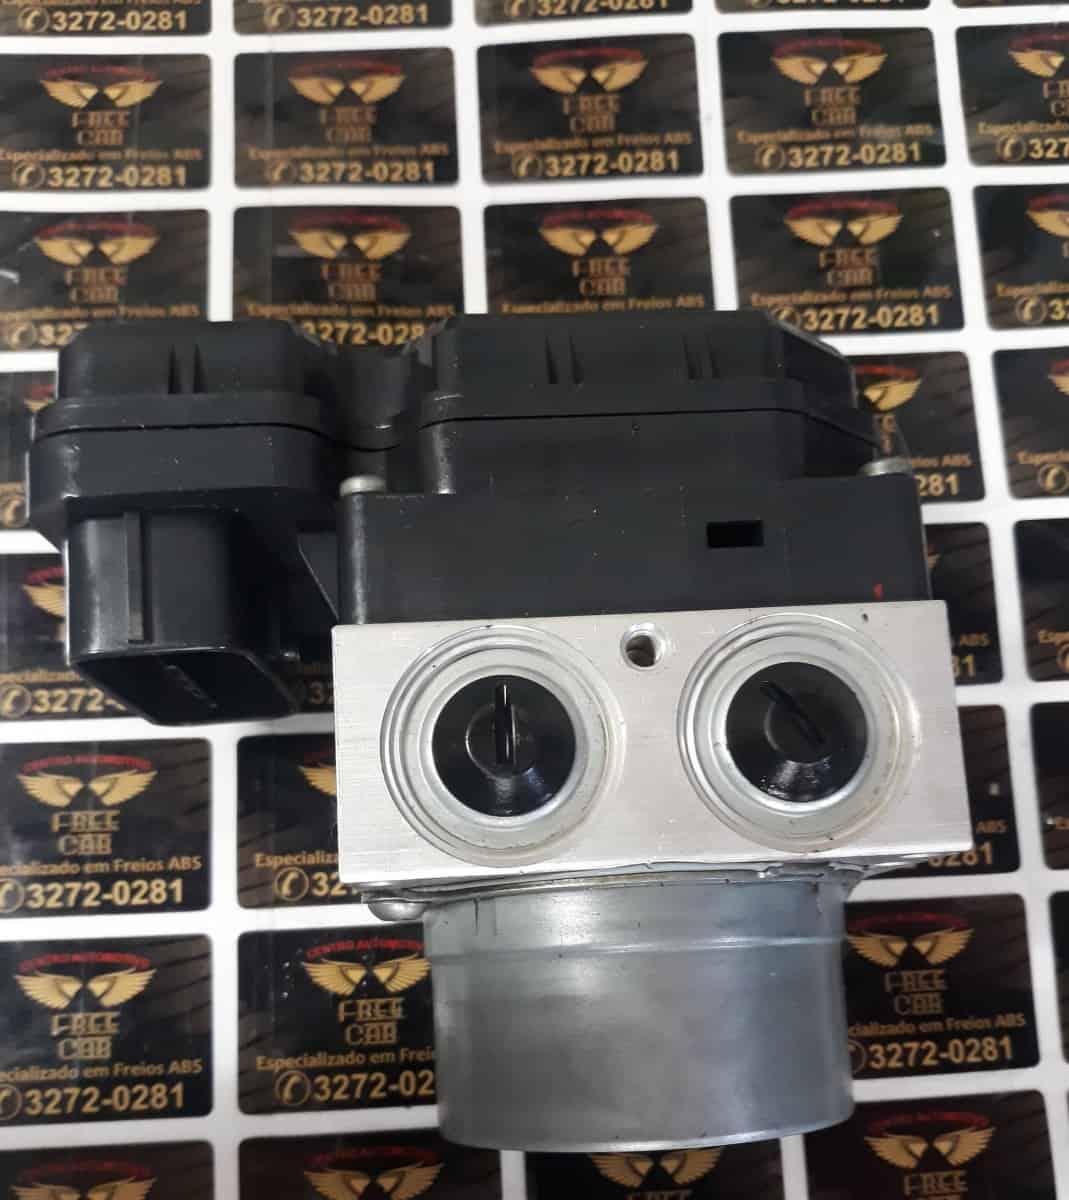 Modulo ABS Mitsubishi 113040-10910 - Foto 2